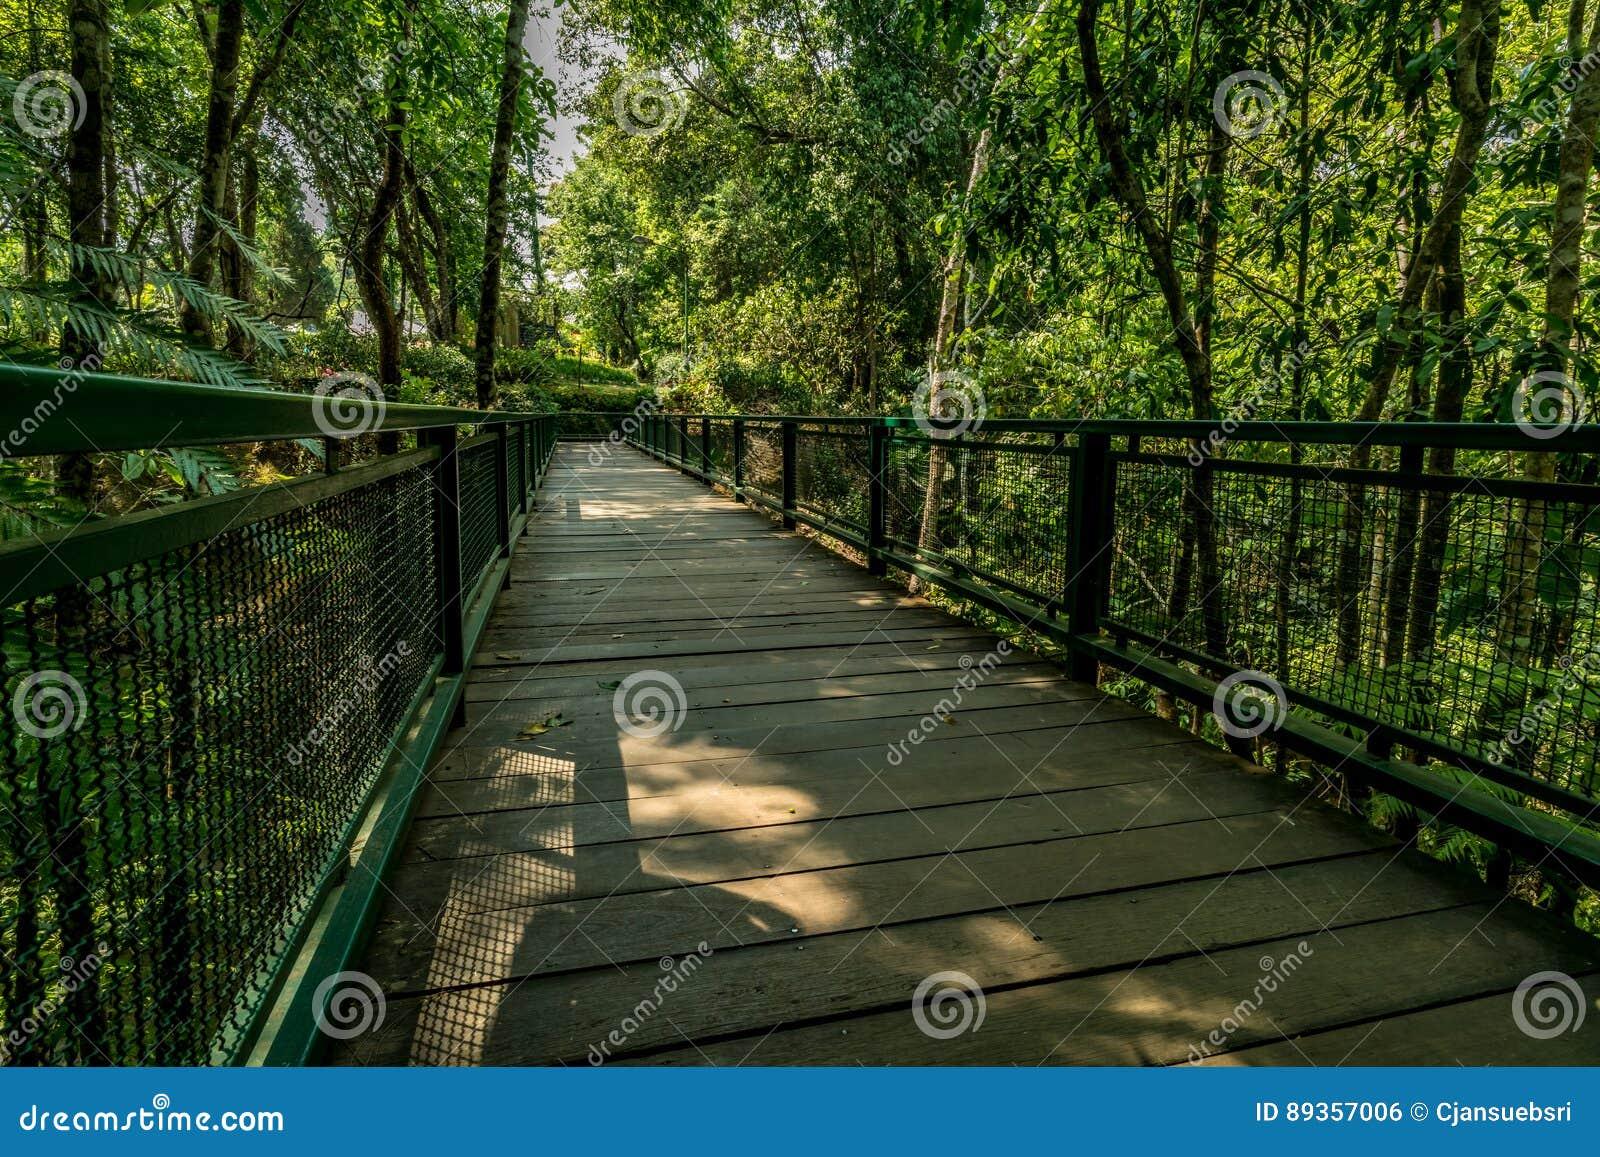 Ξύλινη γέφυρα για πεζούς στο πάρκο